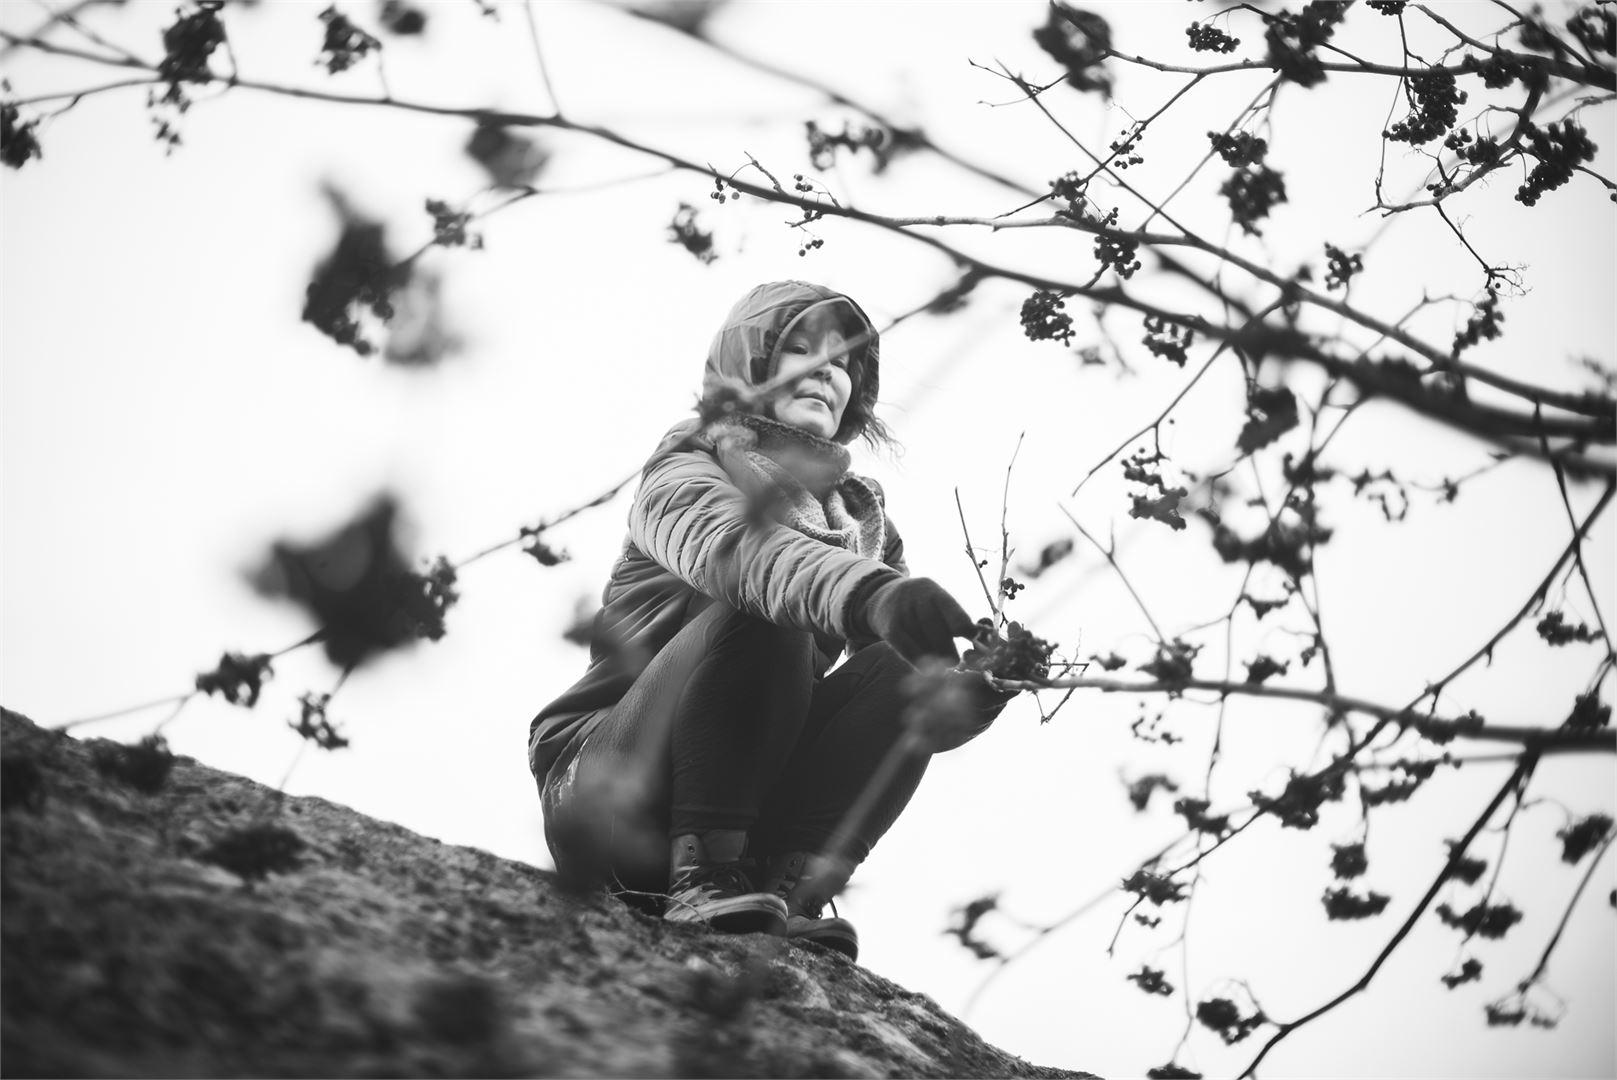 - On vahvuutta elää päivästä toiseen yksinäisyyden kanssa, Satu muistuttaa. Kuva Toni Forssell